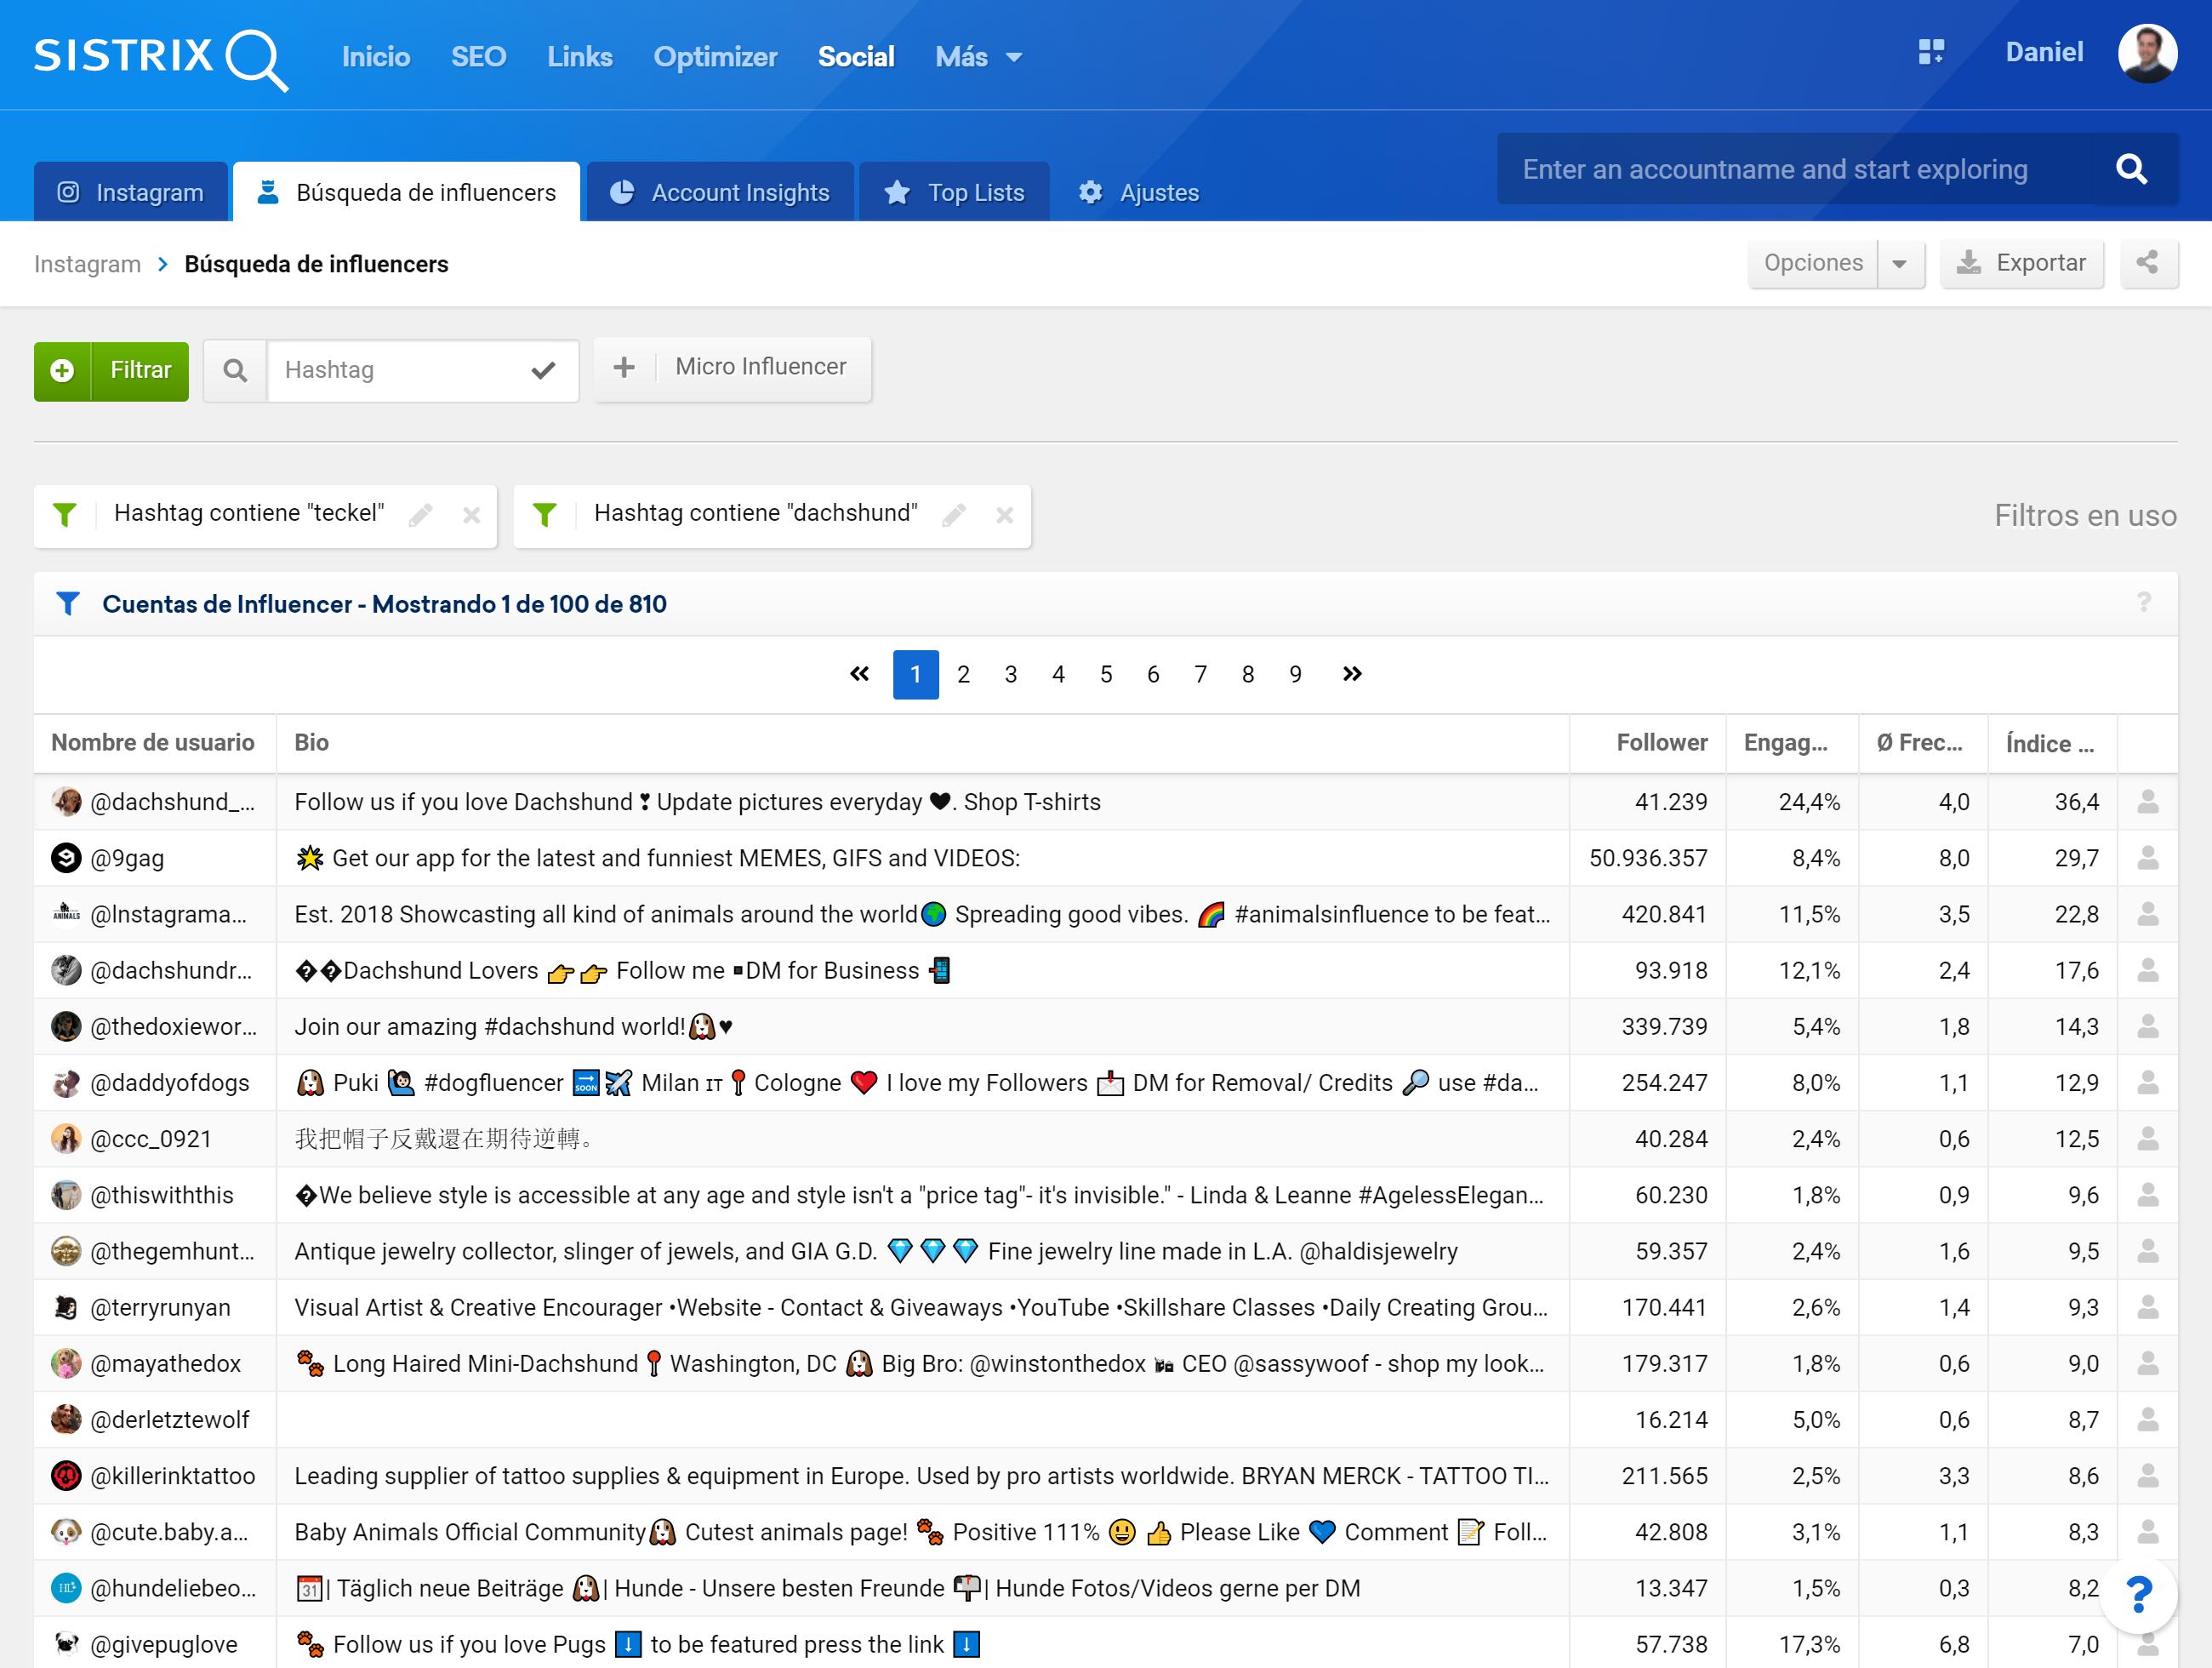 Página de filtros para la búsqueda dde influencers en SISTRIX